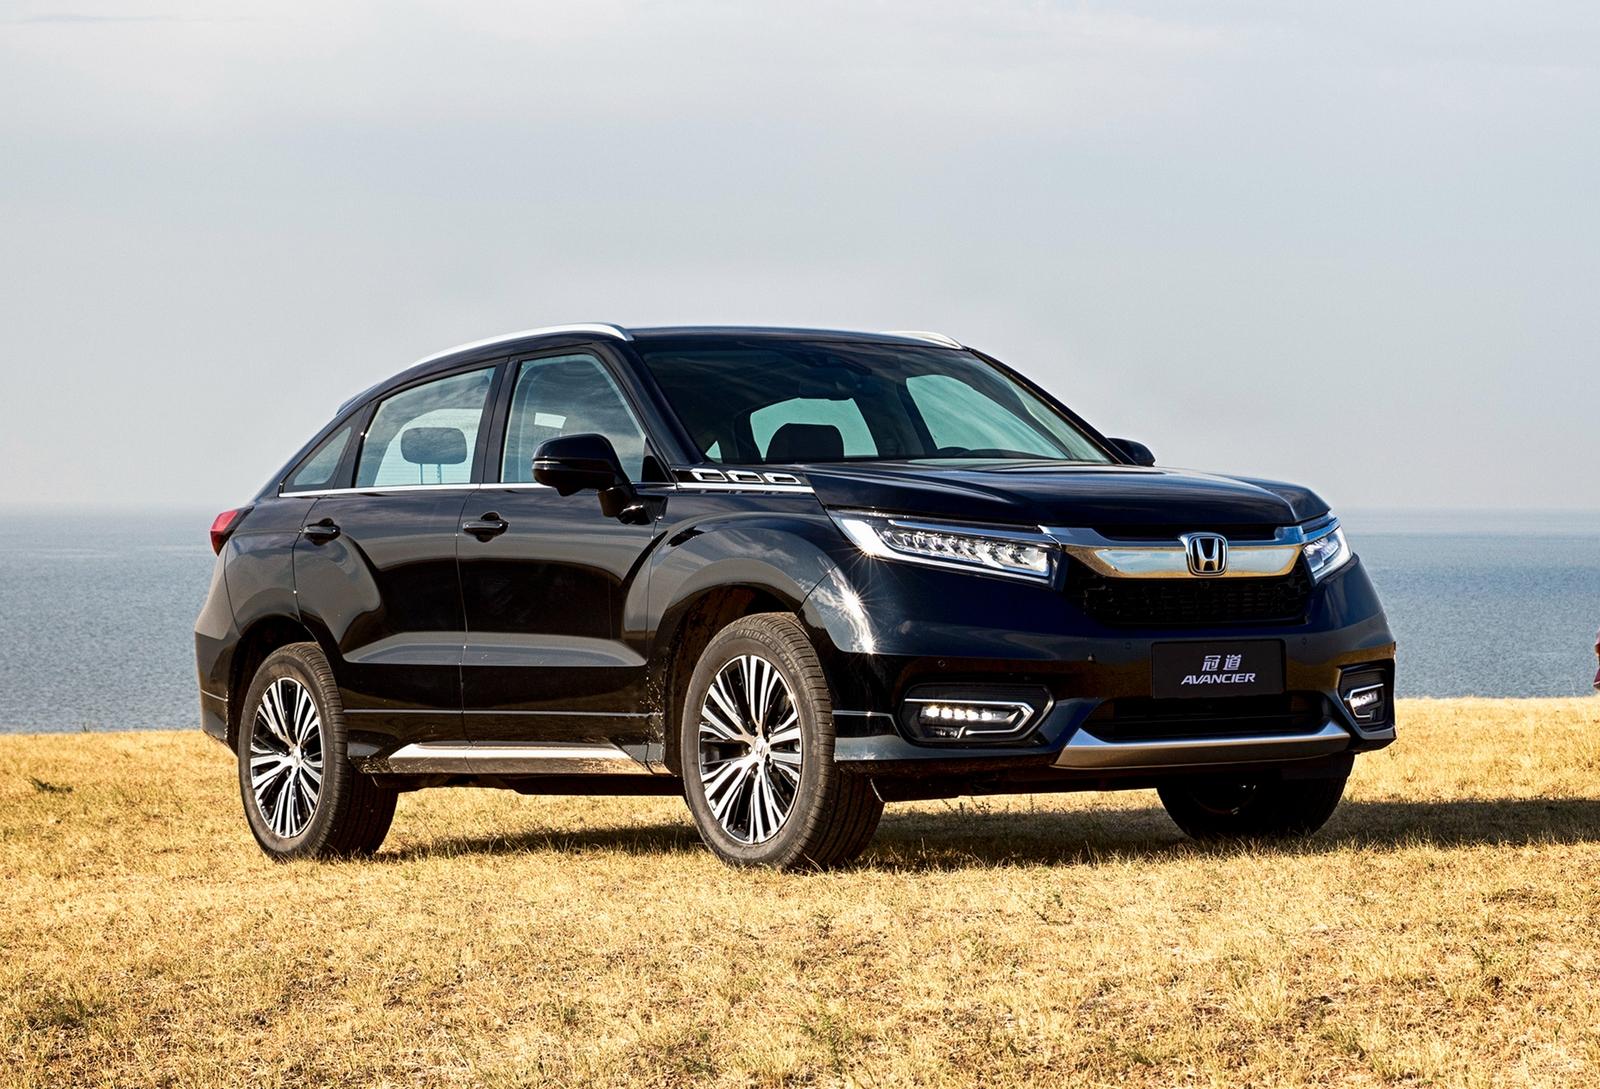 Кроссовер Honda Avancier вышел на рынок - Колеса.ру